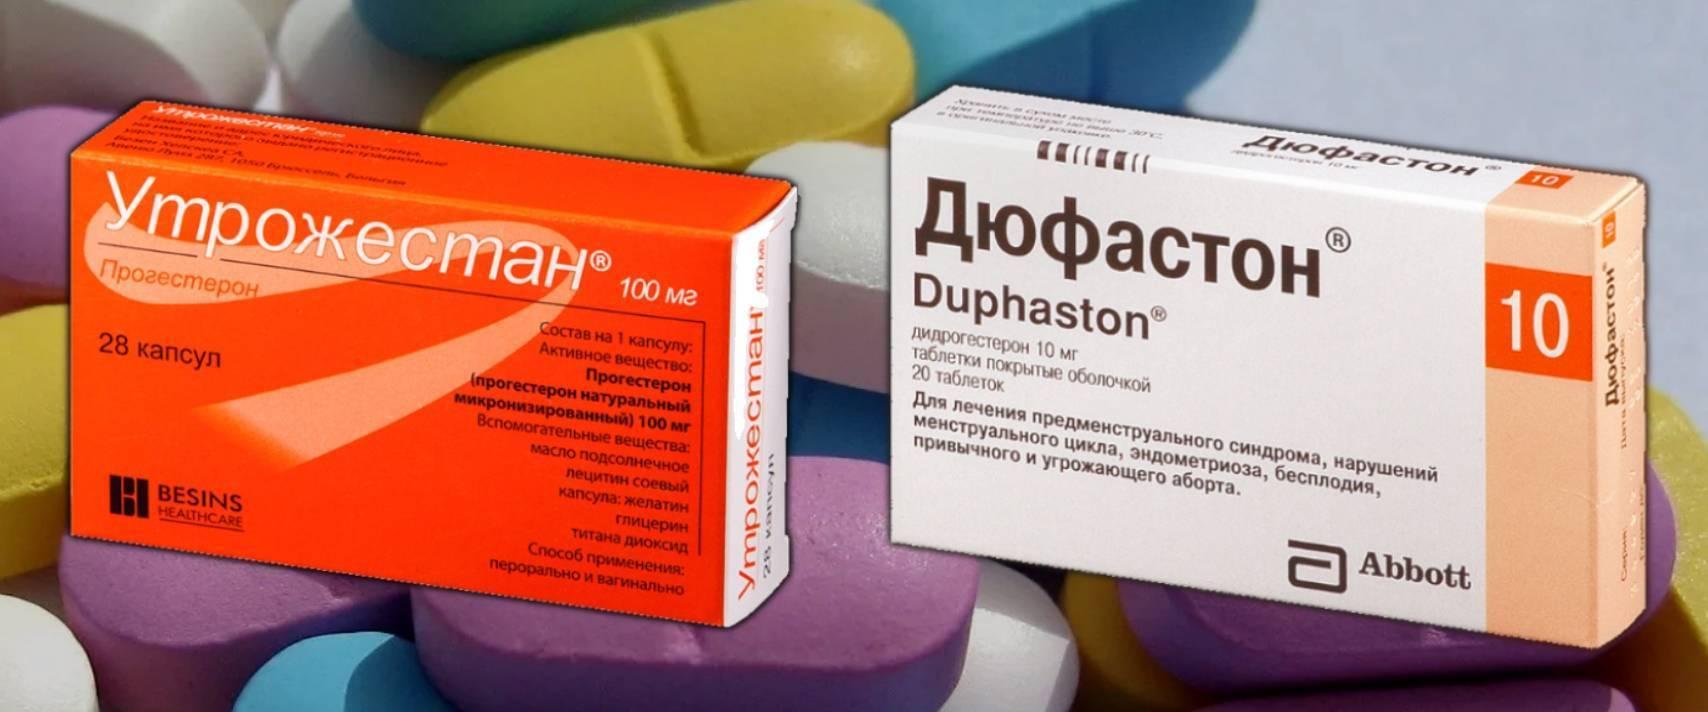 Дюфастон и утрожестан: что лучше принимать при беременности, в чем разница препаратов, можно ли пить одновременно?